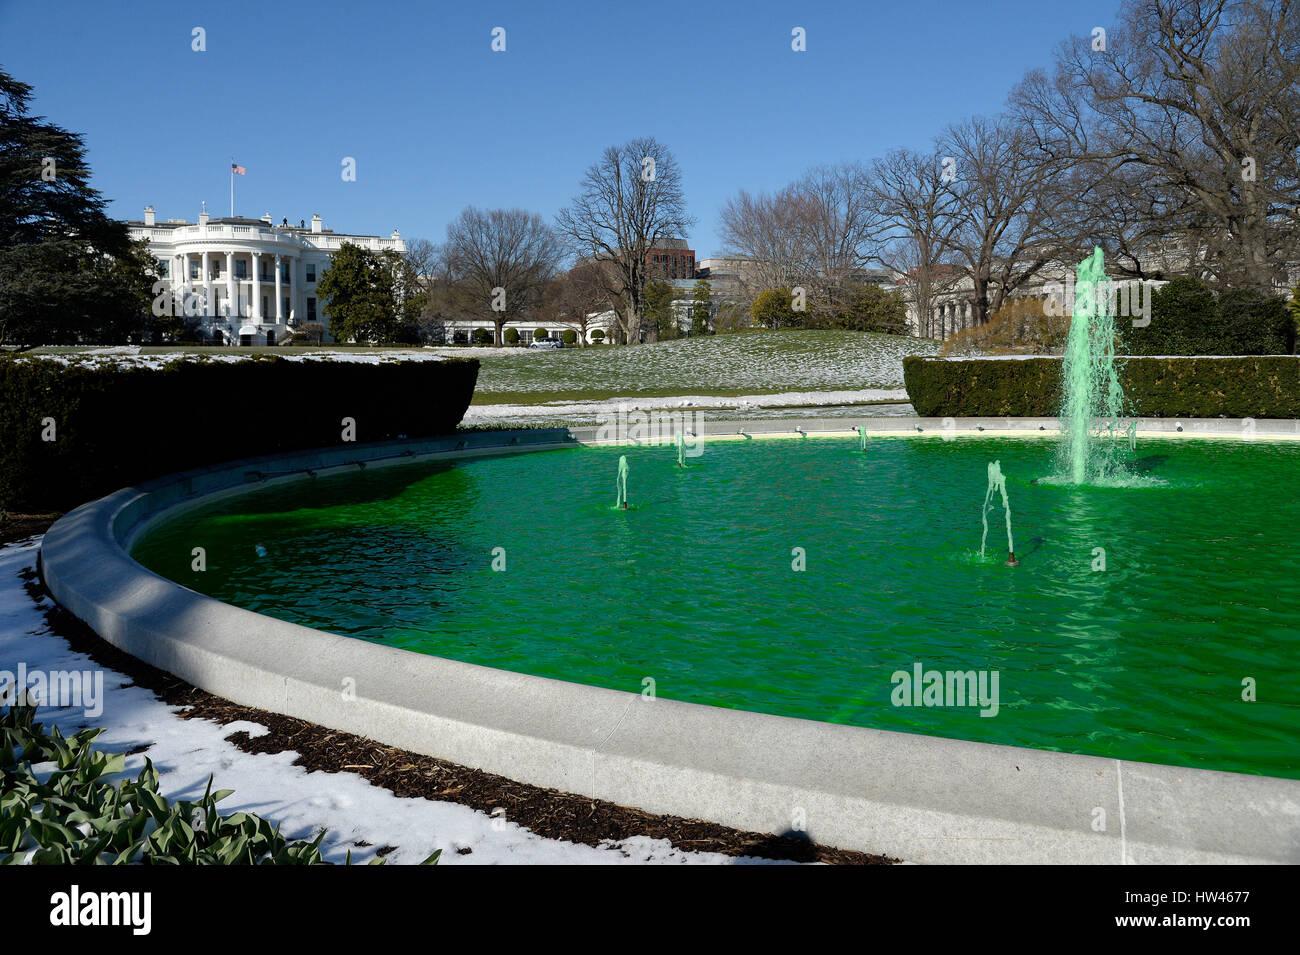 Washington, DC. 16 Mar, 2017. Fontana sul lato sud della Casa Bianca è colorato di verde per la festa di San Immagini Stock